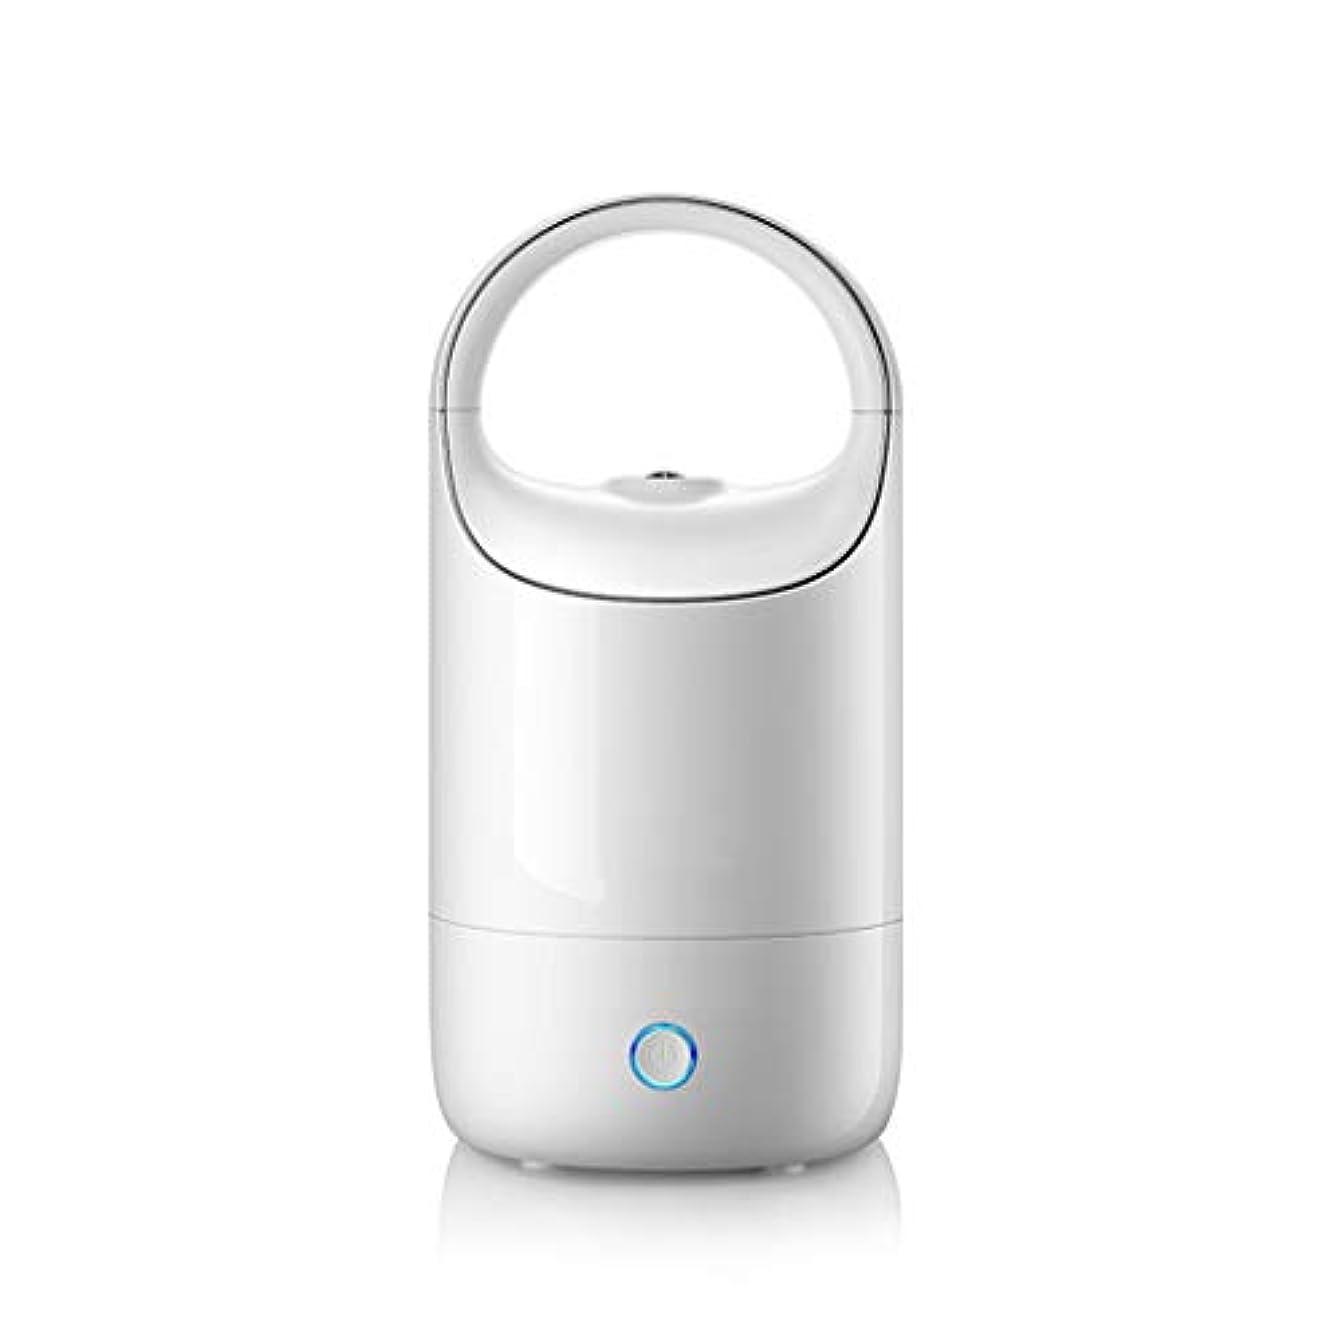 広がりボイラー会話型空気加湿器ホームサイレント寝室妊婦赤ちゃん空気霧大容量ディフューザー (Color : White)